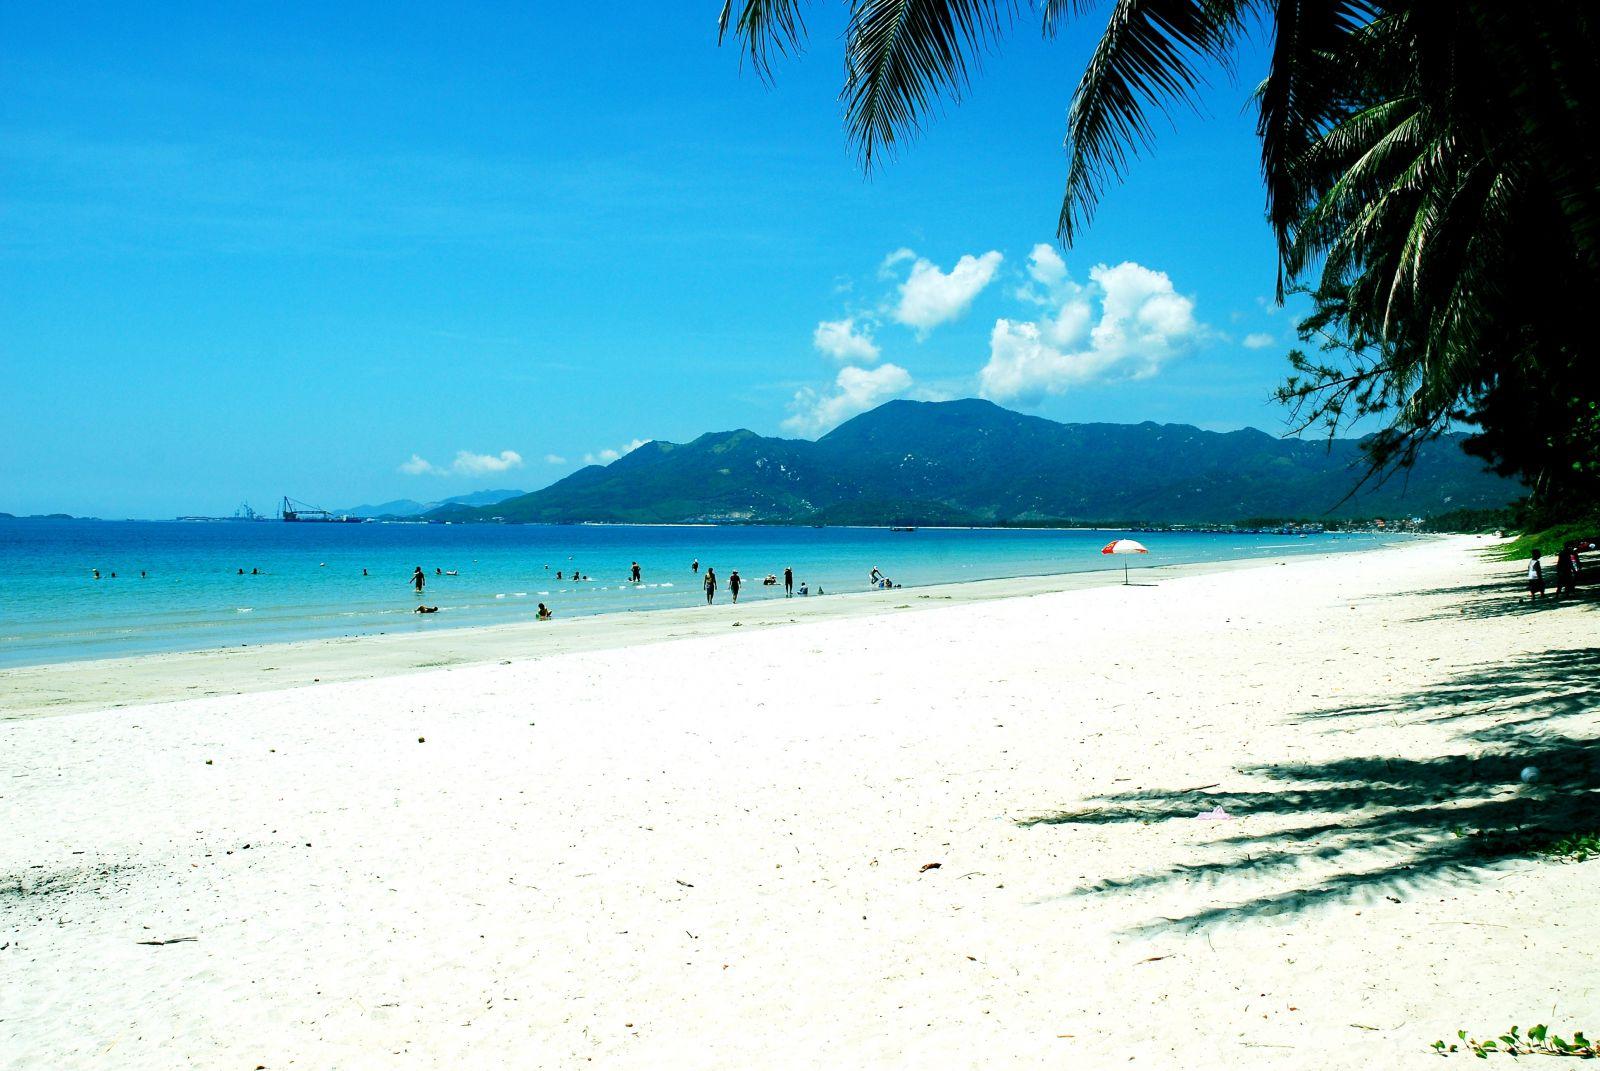 biển Nha Trang xanh sạch đẹp